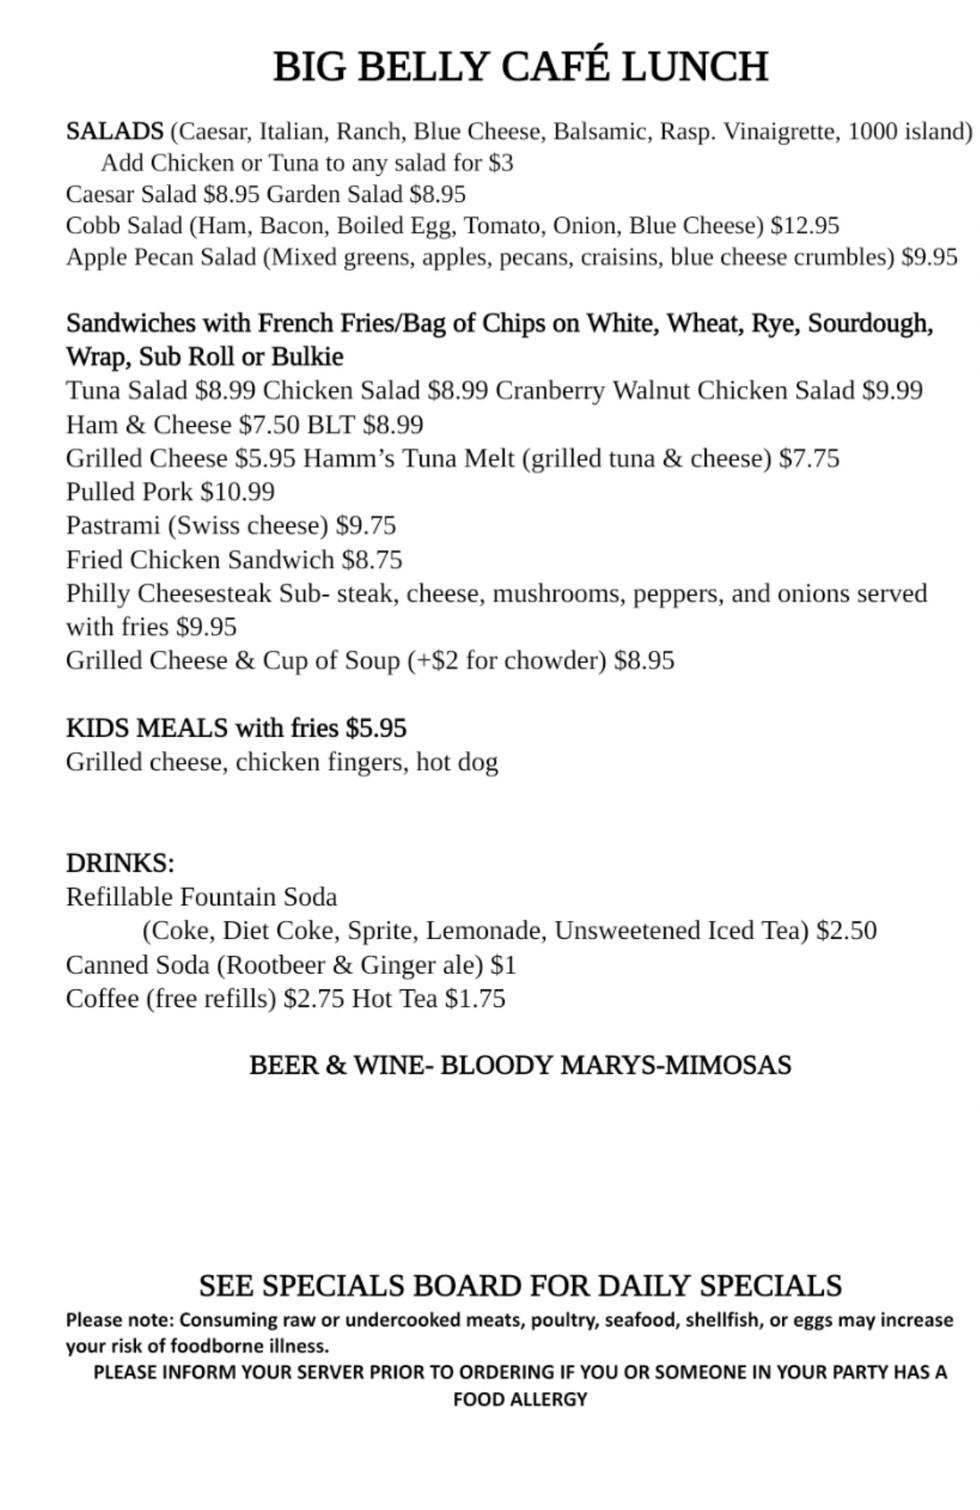 fall 2021 lunch 2 menu.png